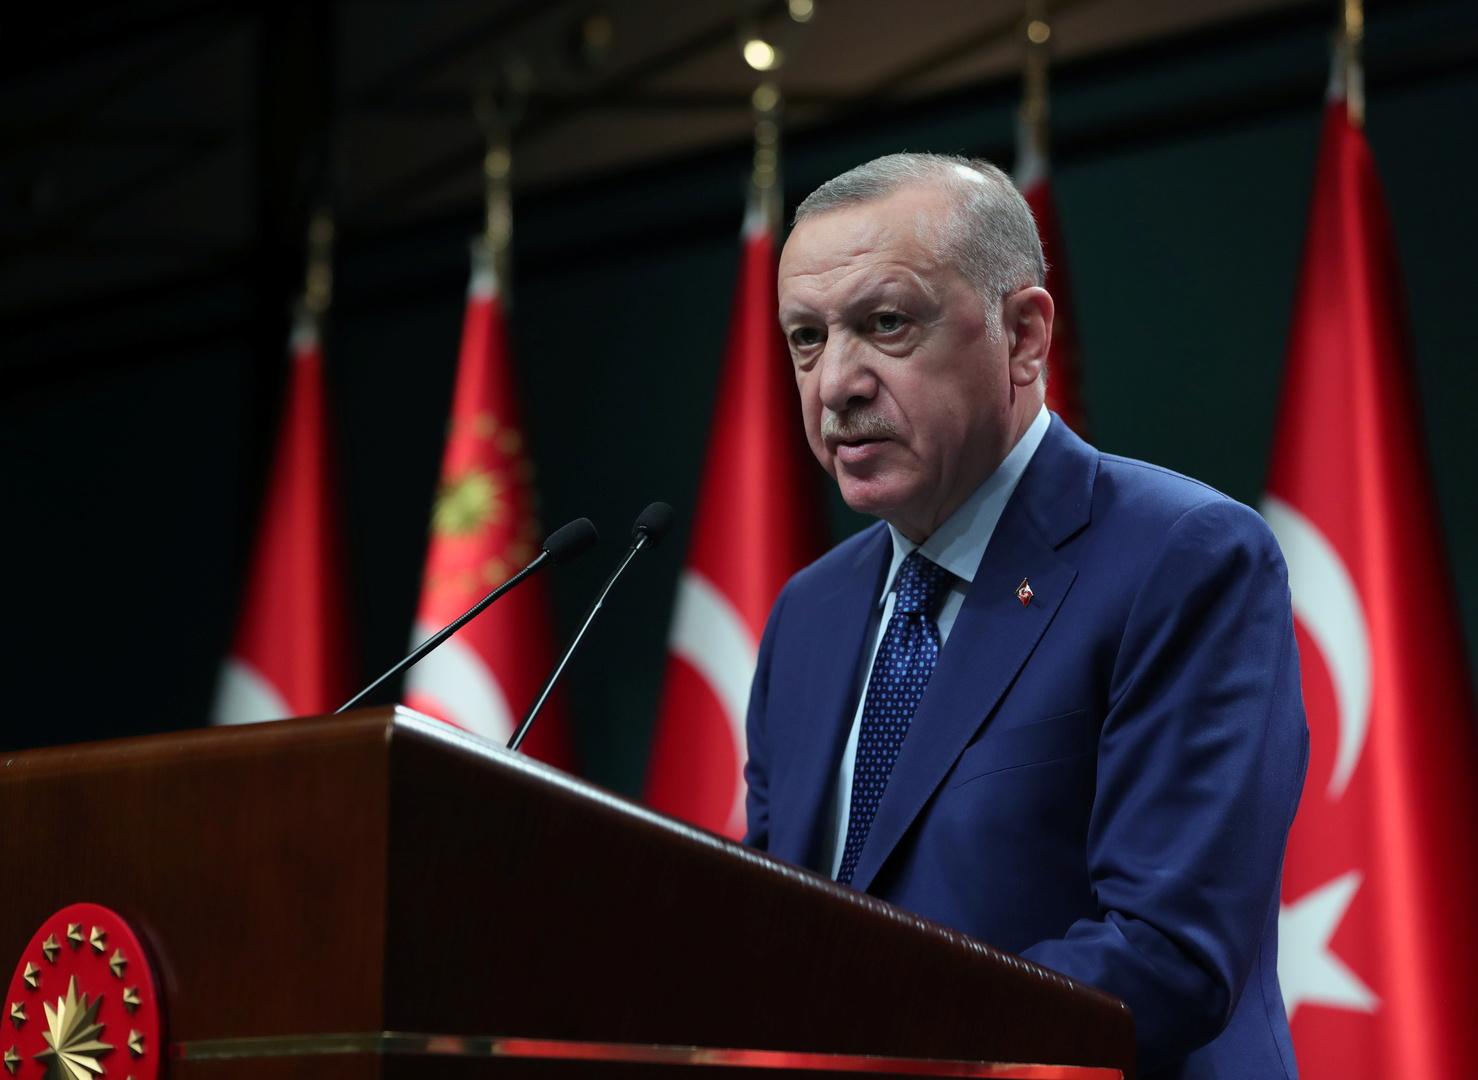 أردوغان: نواجه التهديدات على حدودنا بدعم ومساعدة الشعب التركي